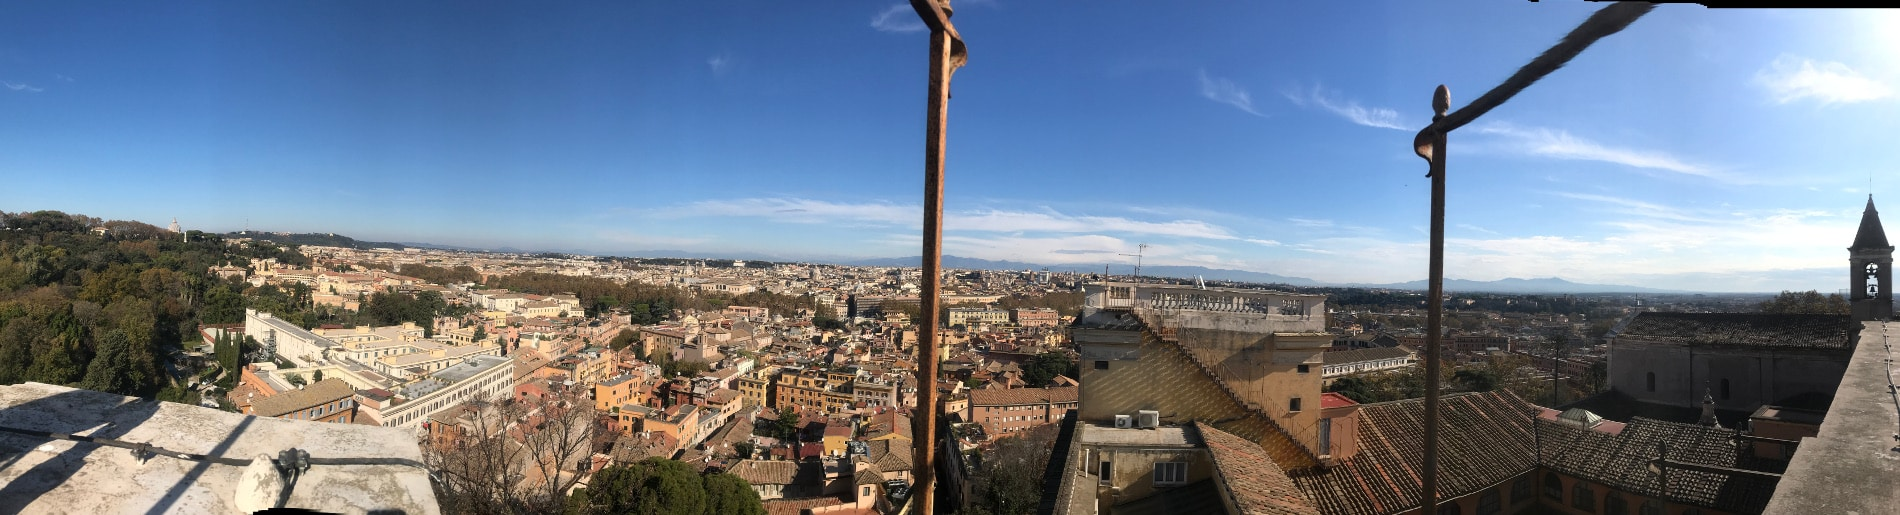 vista roma torre academia gianicolo